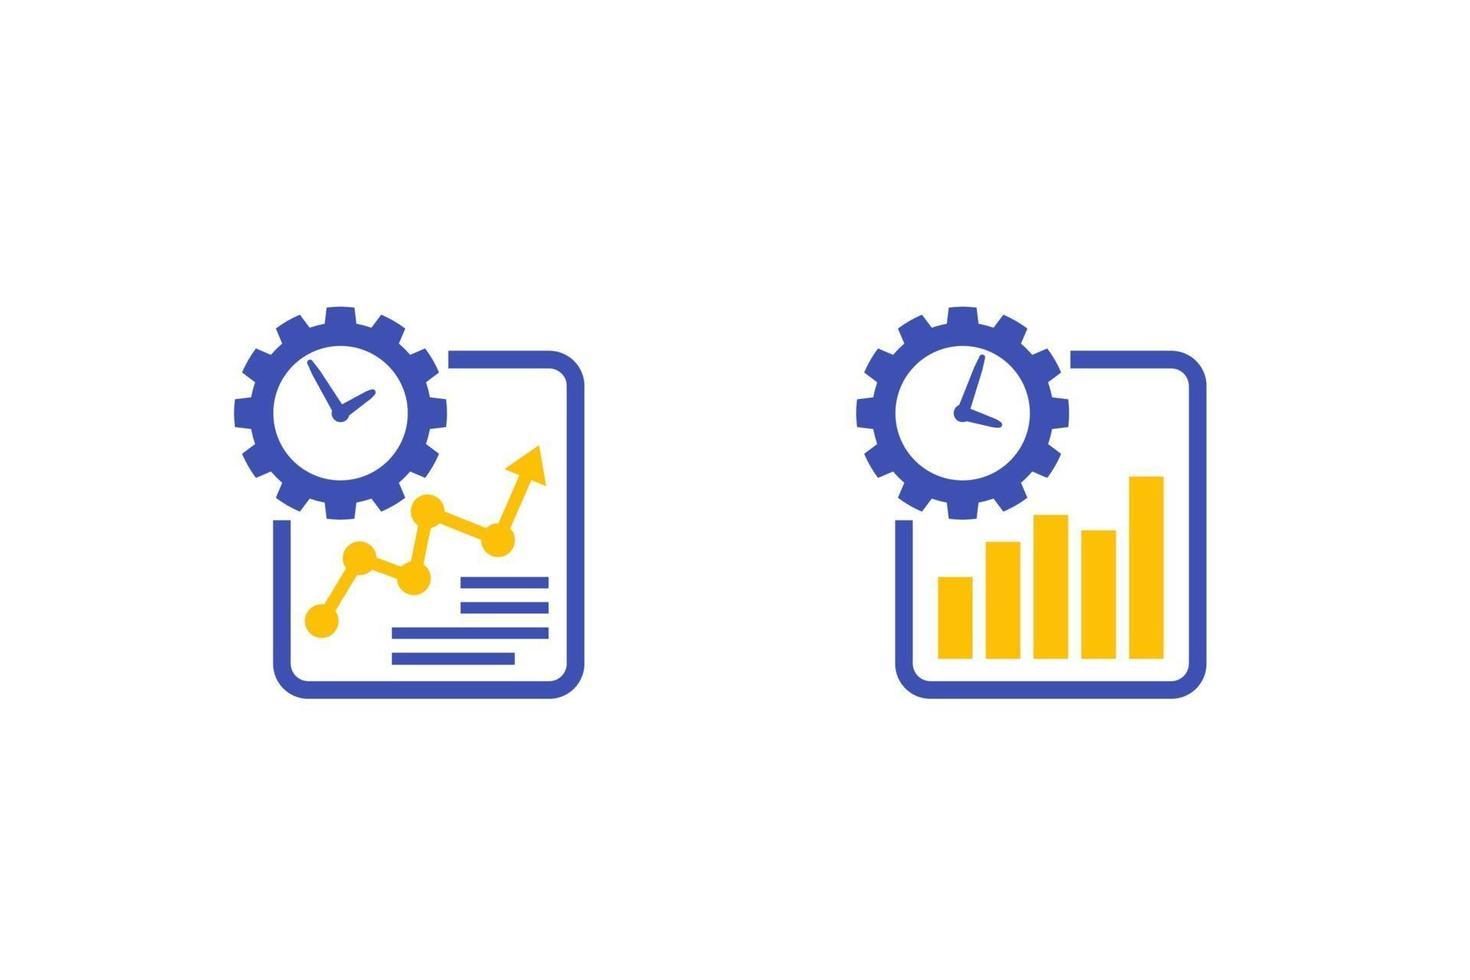 arbeidsproductiviteitsgroei pictogrammen op white.eps vector